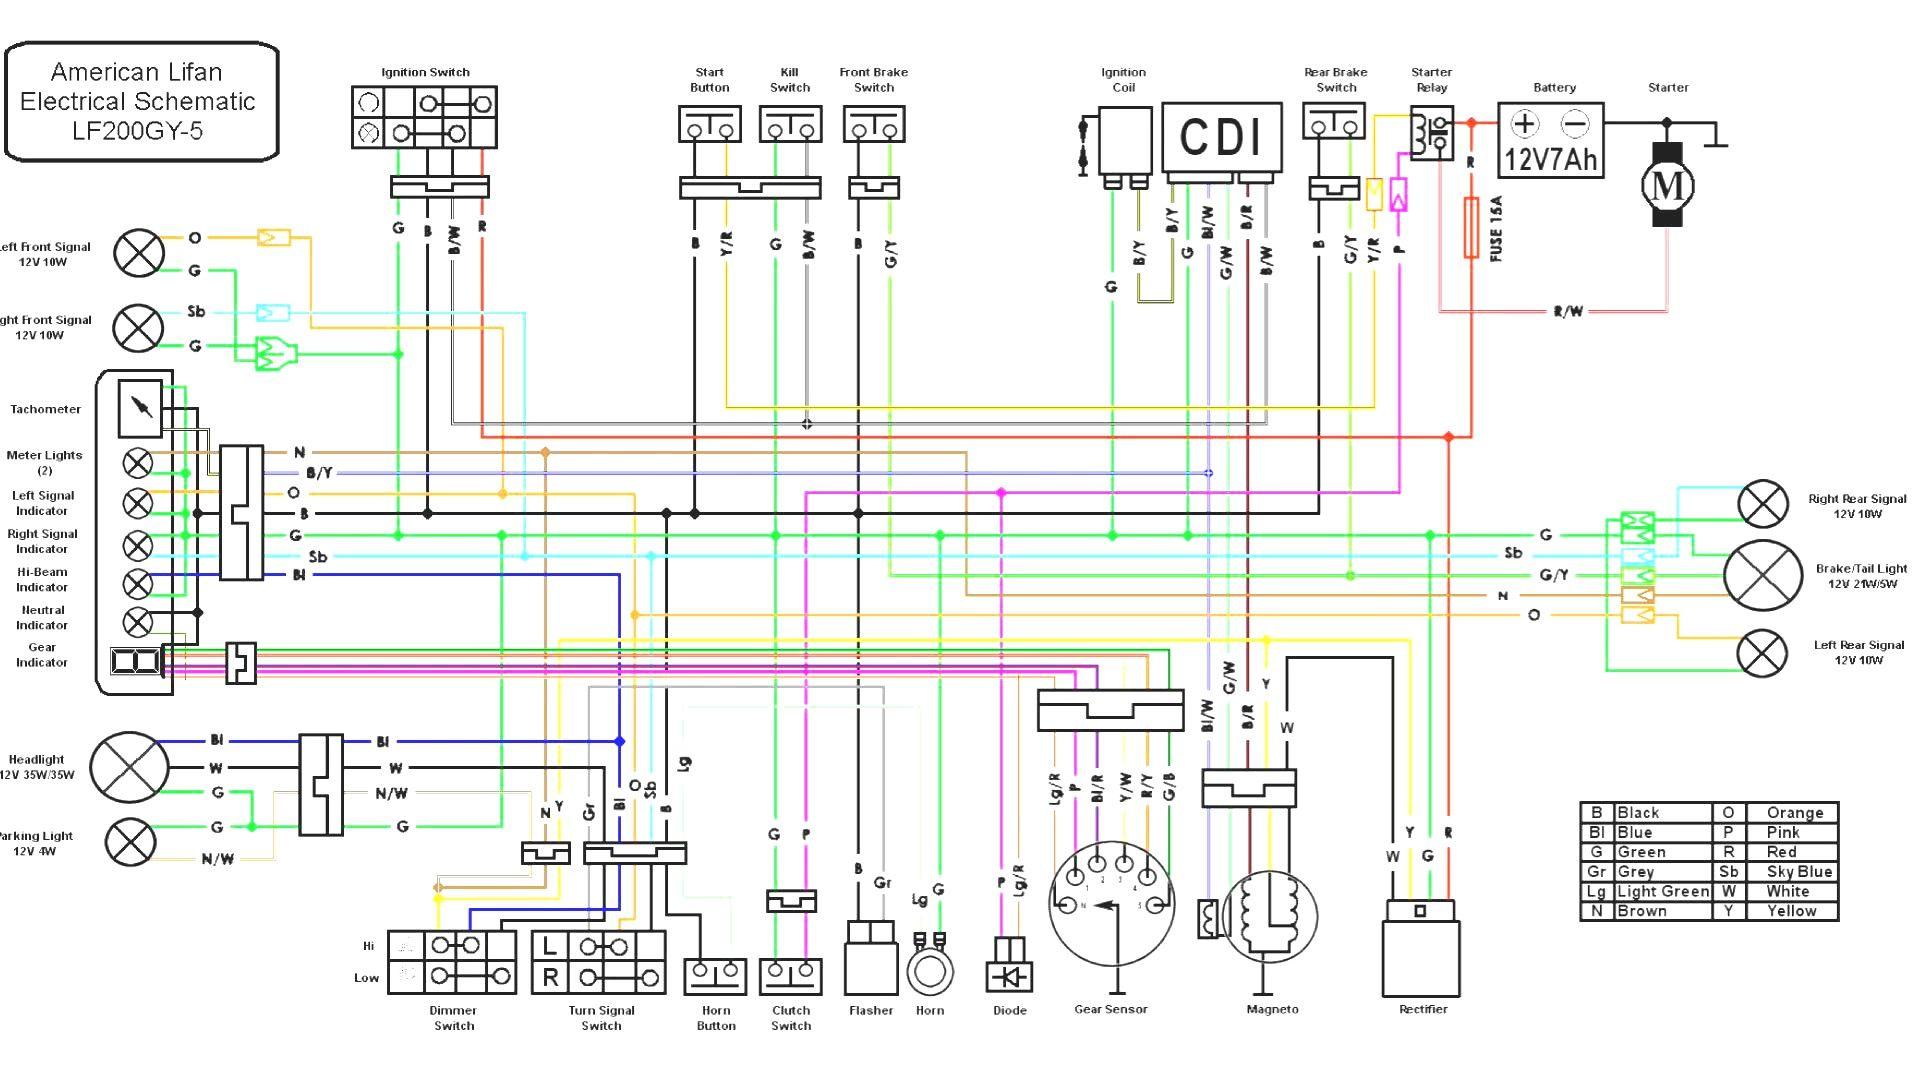 Honda Xr 125 Wiring Diagram Copy Best Of Diagrama De Instalacion Electrica Diagrama De Circuito Diagrama De Circuito Electrico